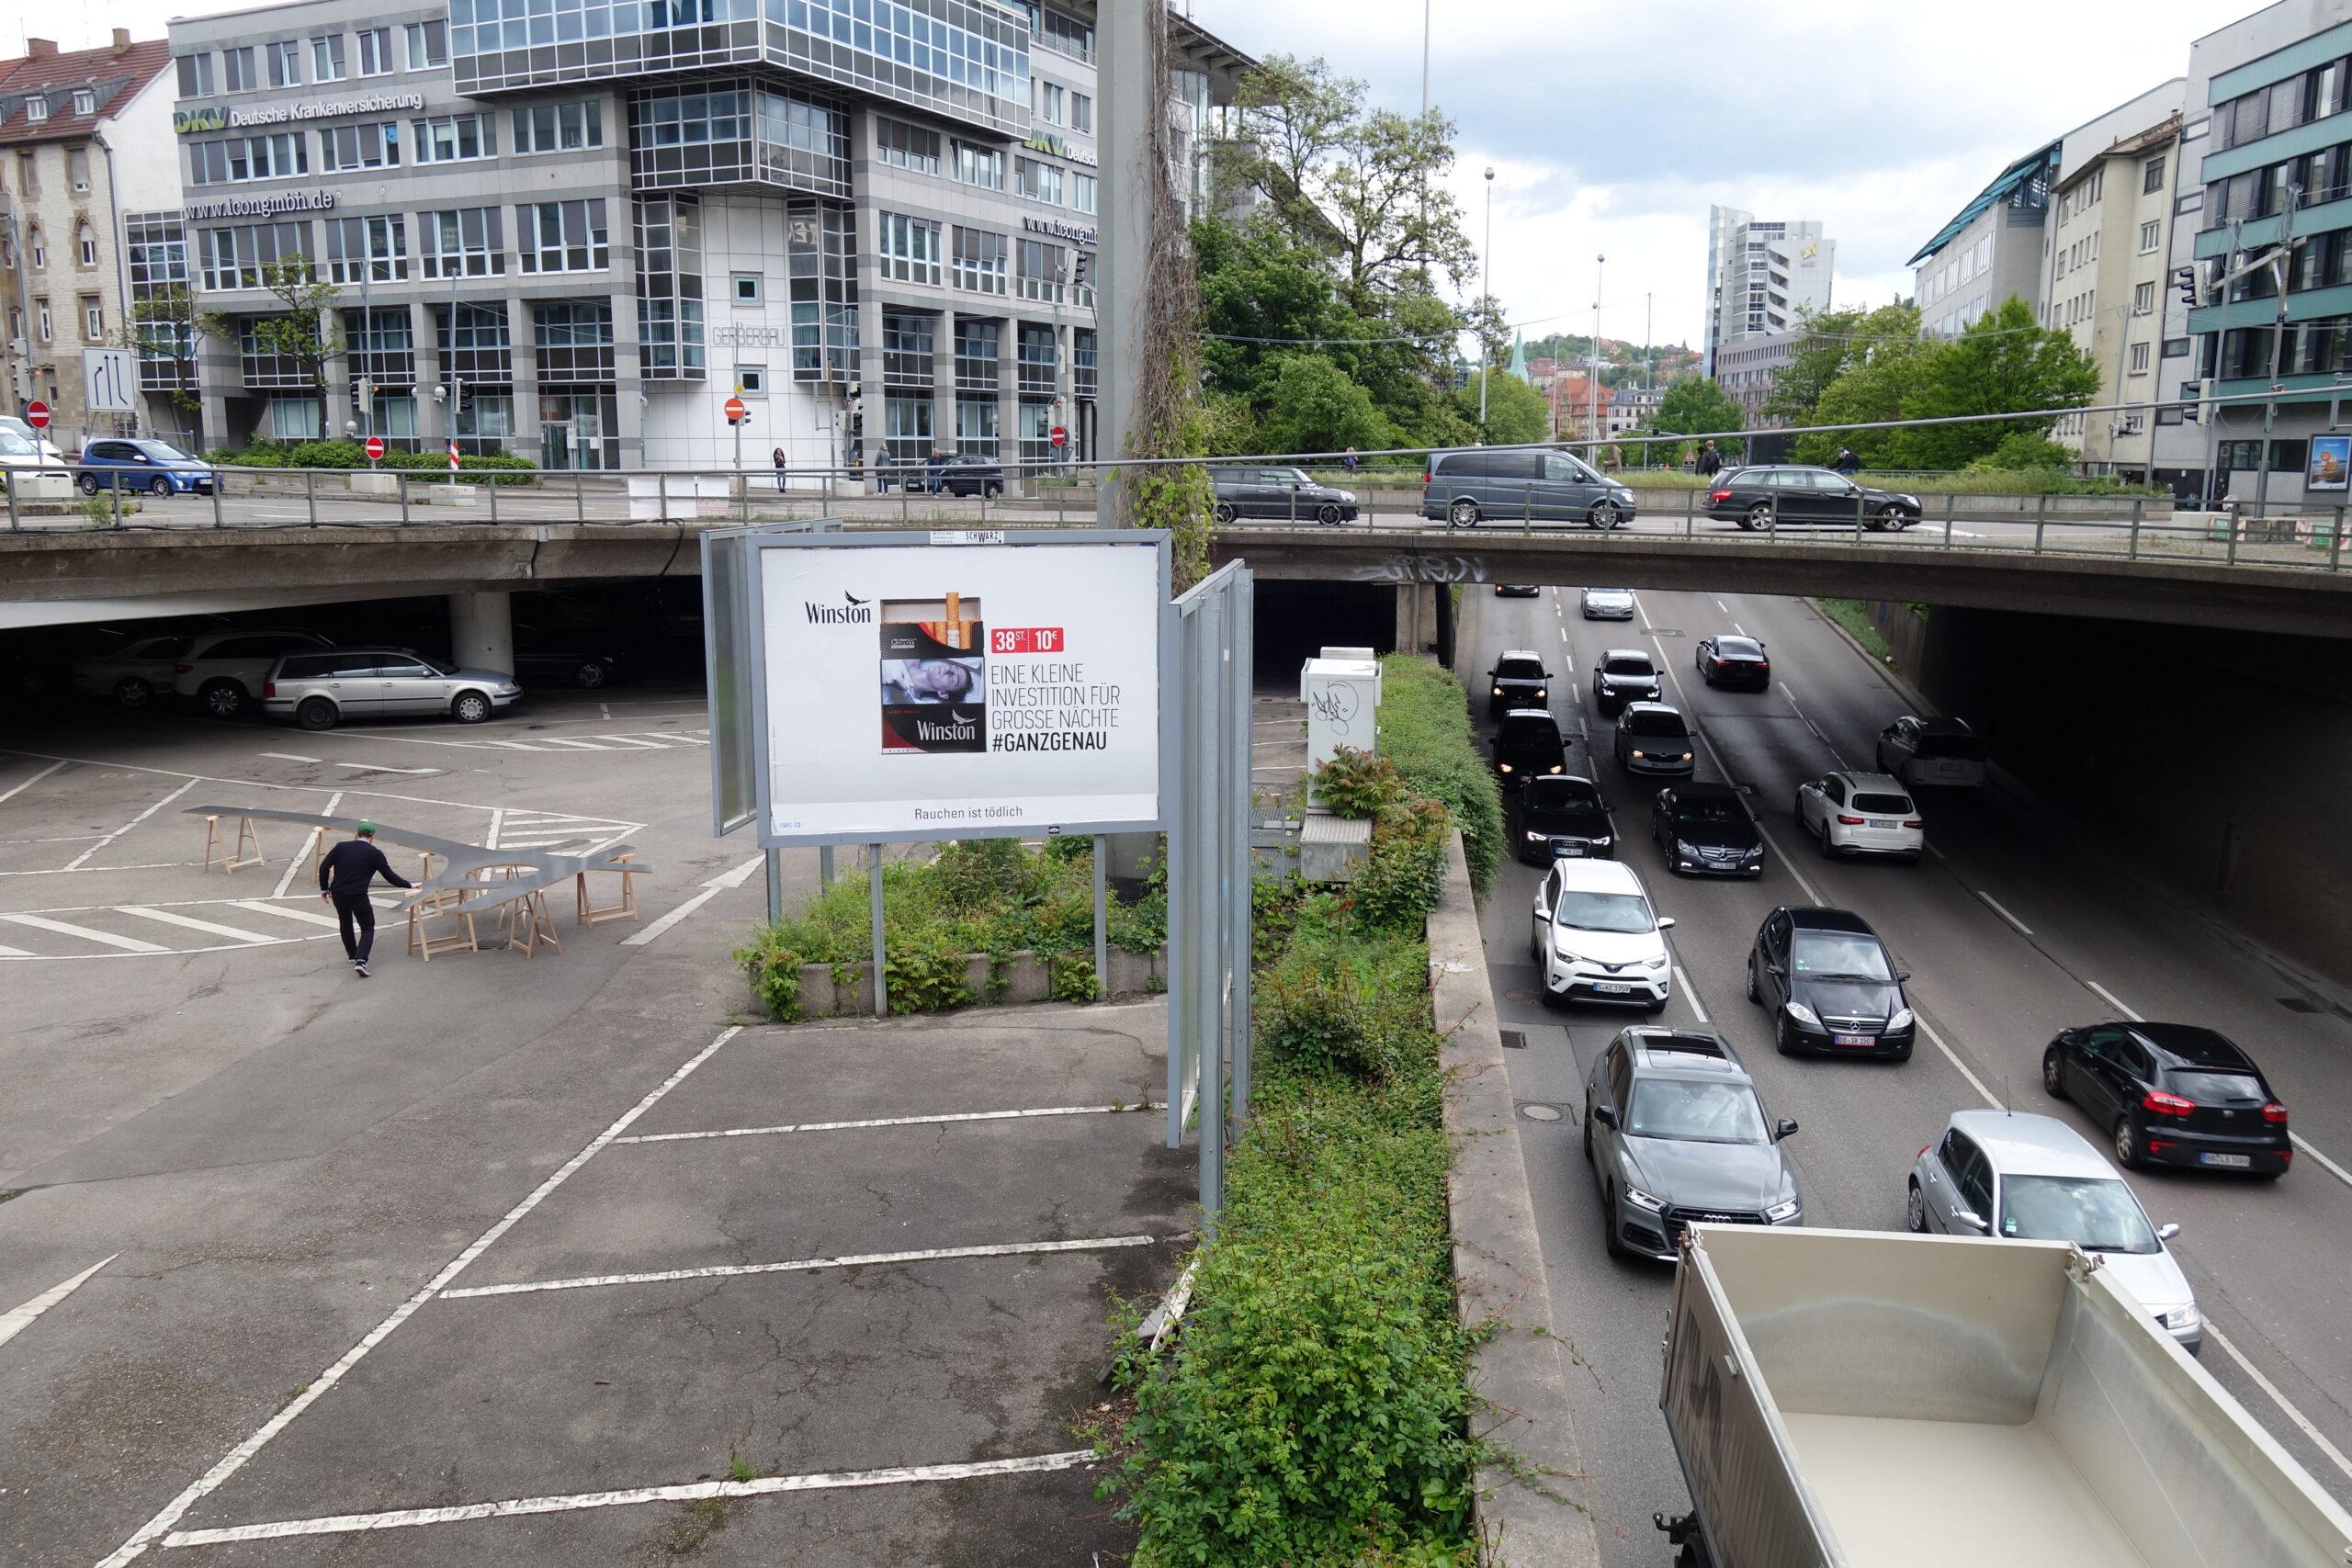 Stadtraum Möbel Sebastian klawiter Stadtlücken visionäre Räume österreichischer platz stuttgart stadtlücken